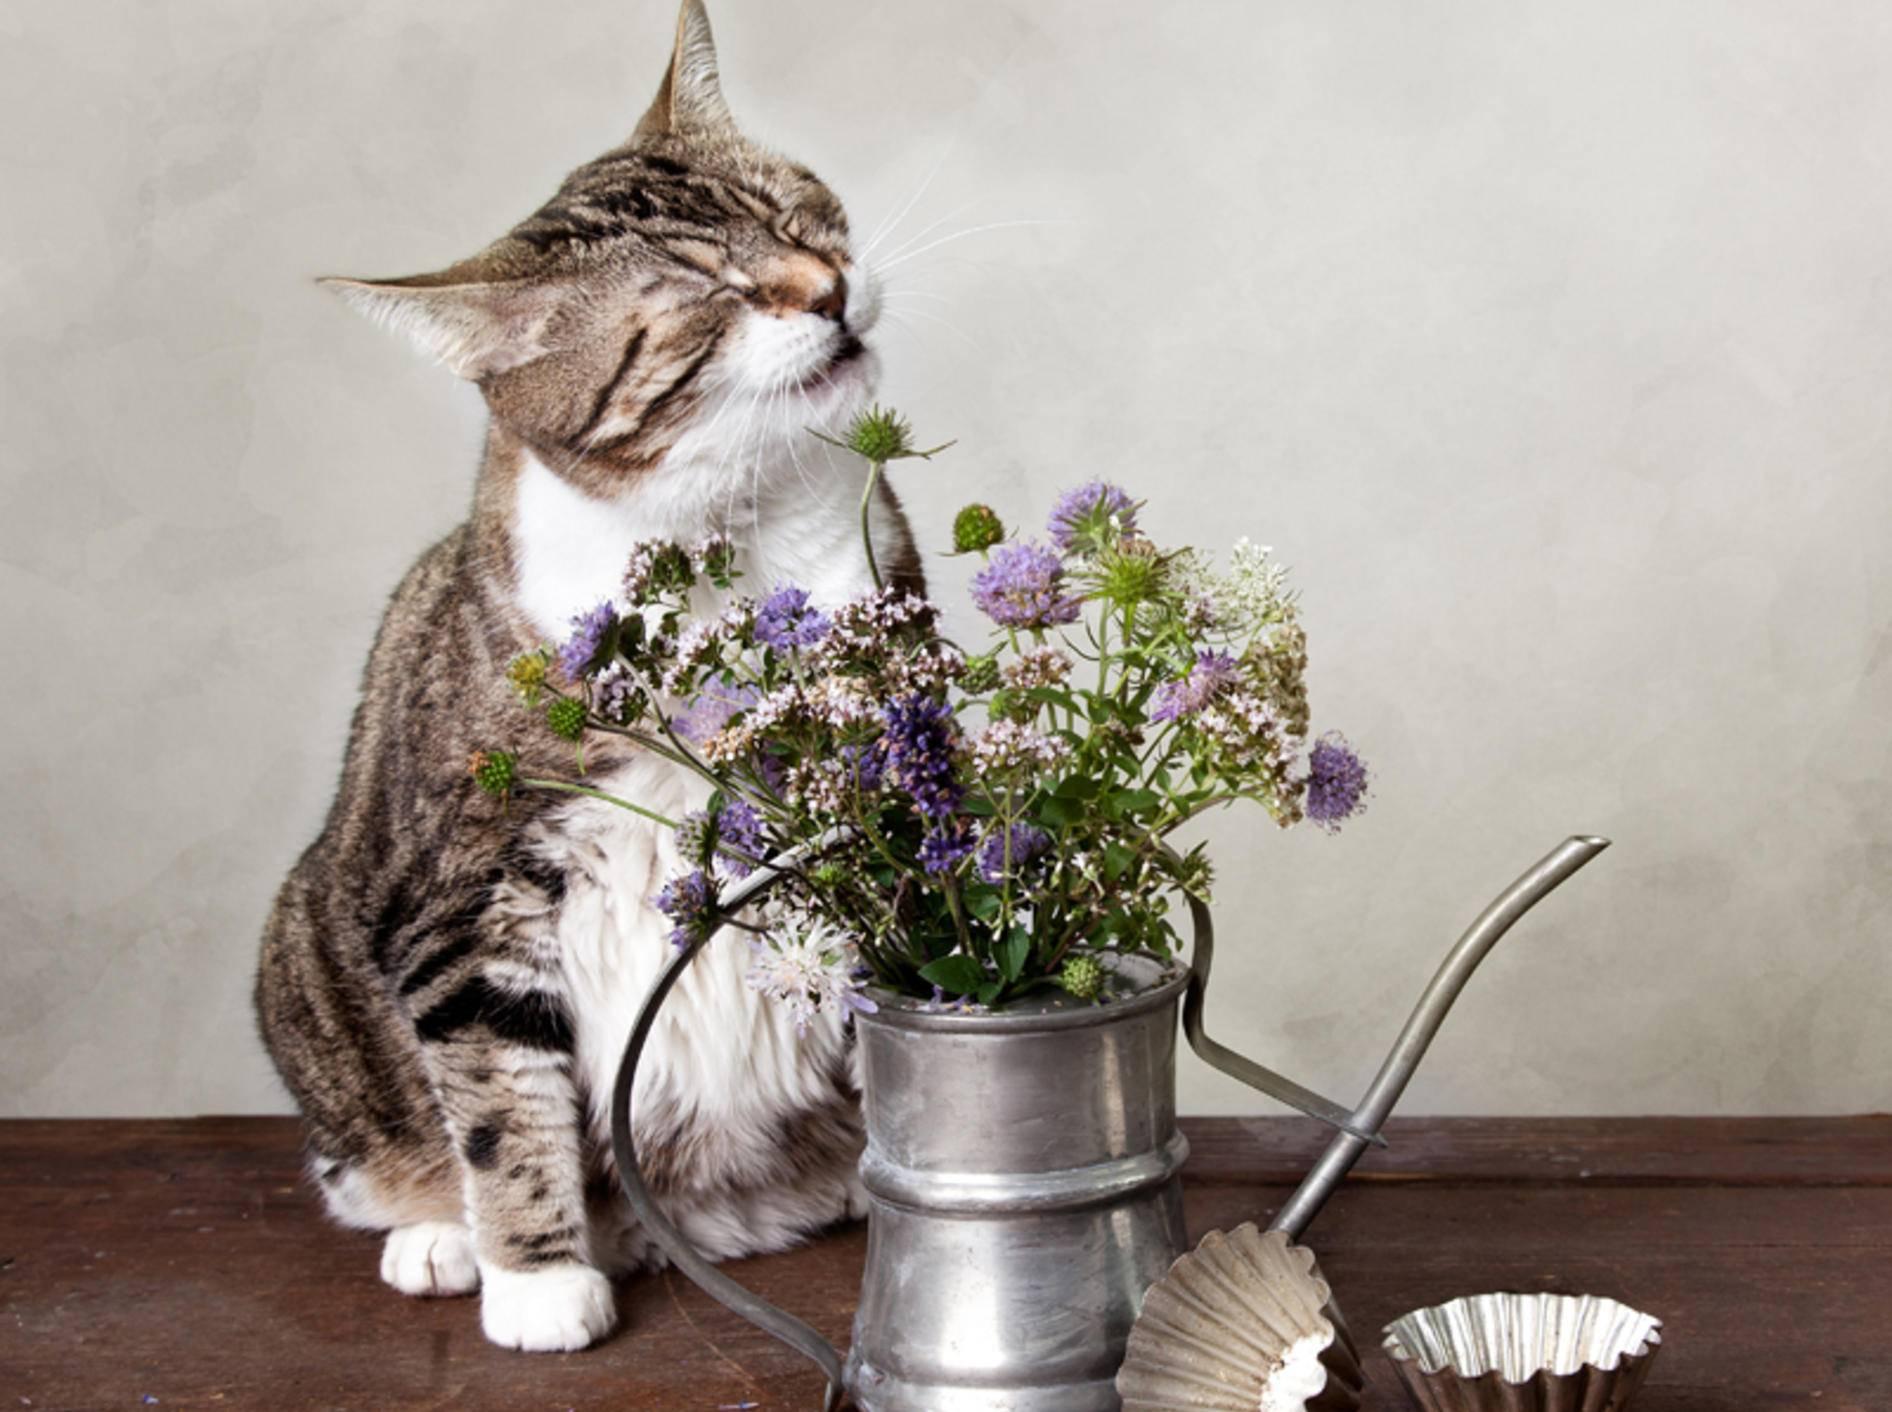 Eine Blume kann durchaus der Auslöser dafür sein, dass eine Katze niest – Bild: Shutterstock: Nailia Schwarz